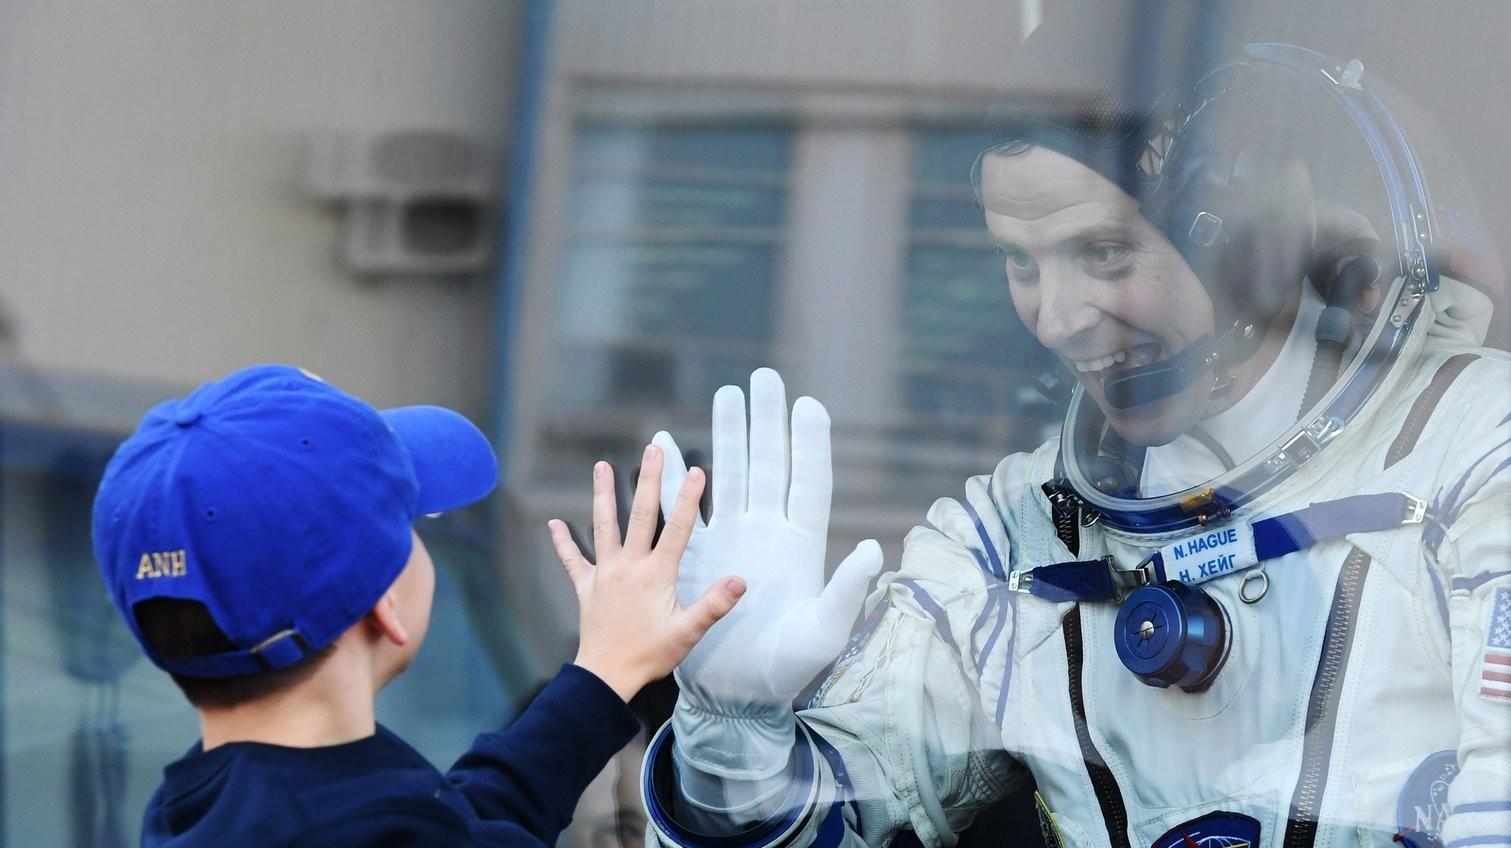 Nick Hague, amerikai űrhajós egy kisgyerektől búcsúzik a Szojuz MSz-10-es űrhajó startja előtt a kazahsztáni Bajkonur orosz űrközpontban 2018. október 11-én (Fotó: MTI/EPApool/Kirill Kudrjavcev)